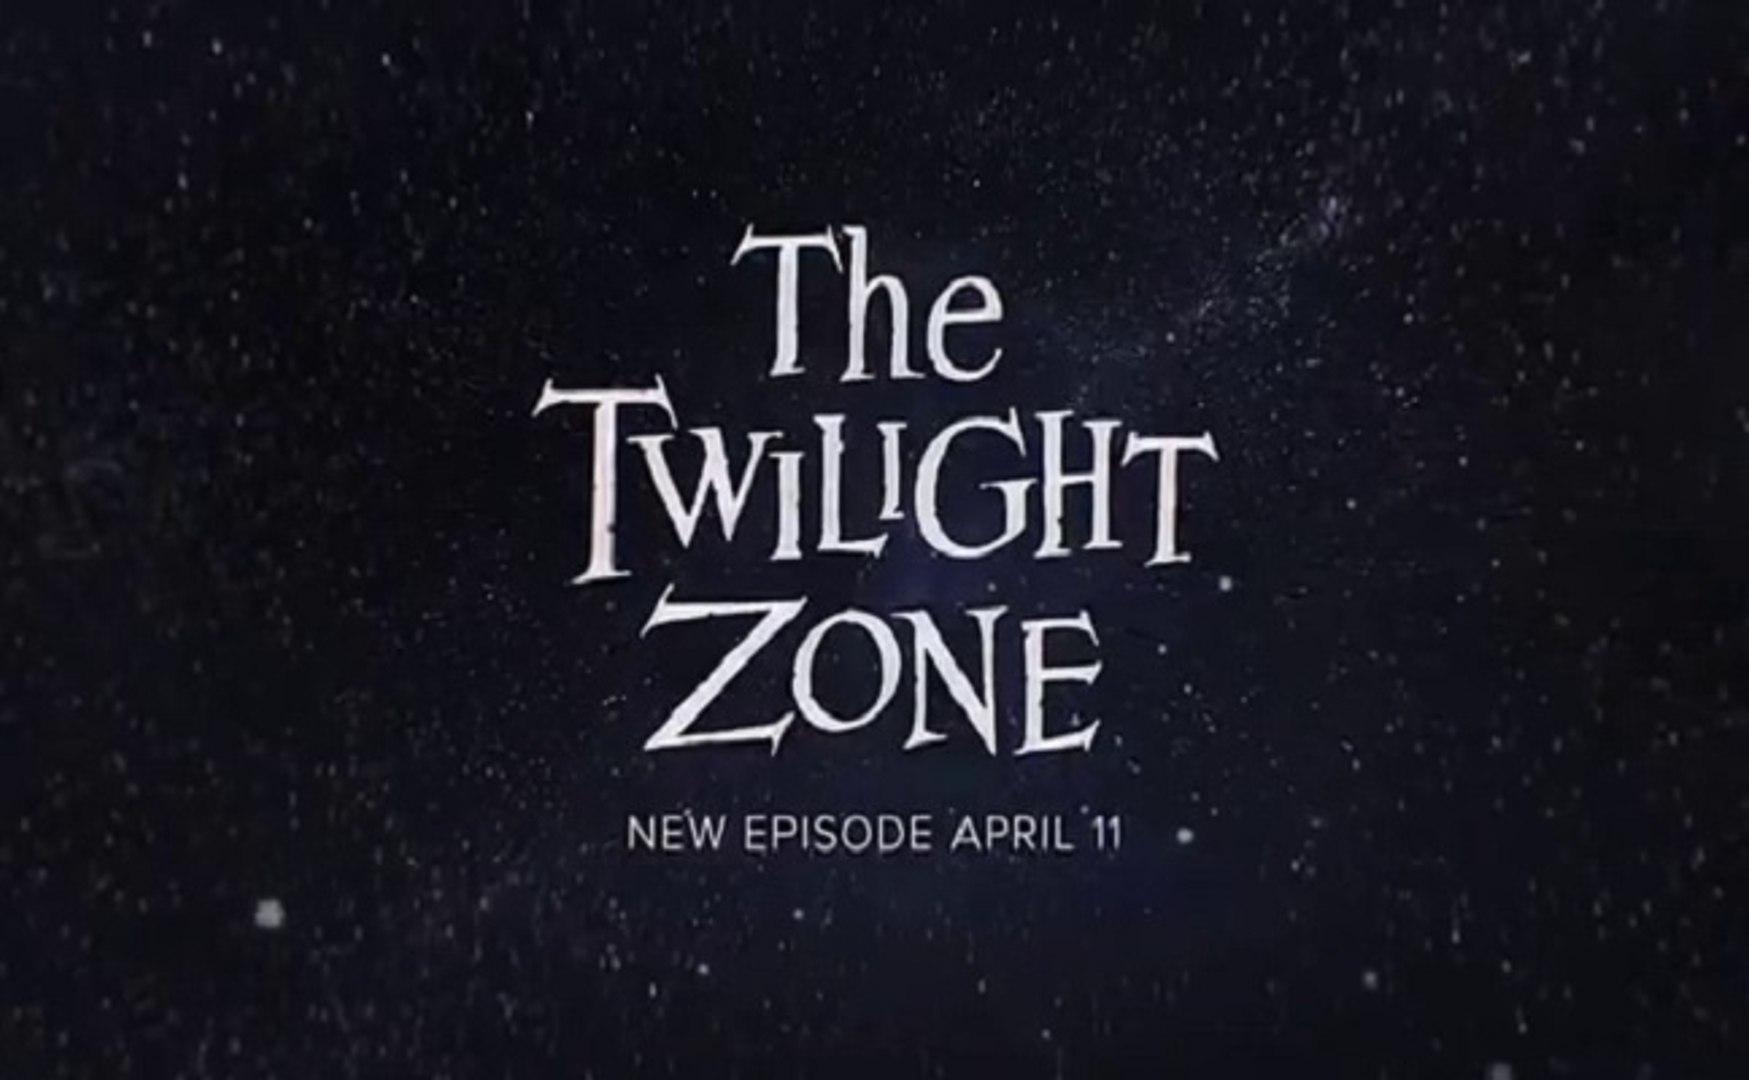 The Twilight Zone - Promo 1x06